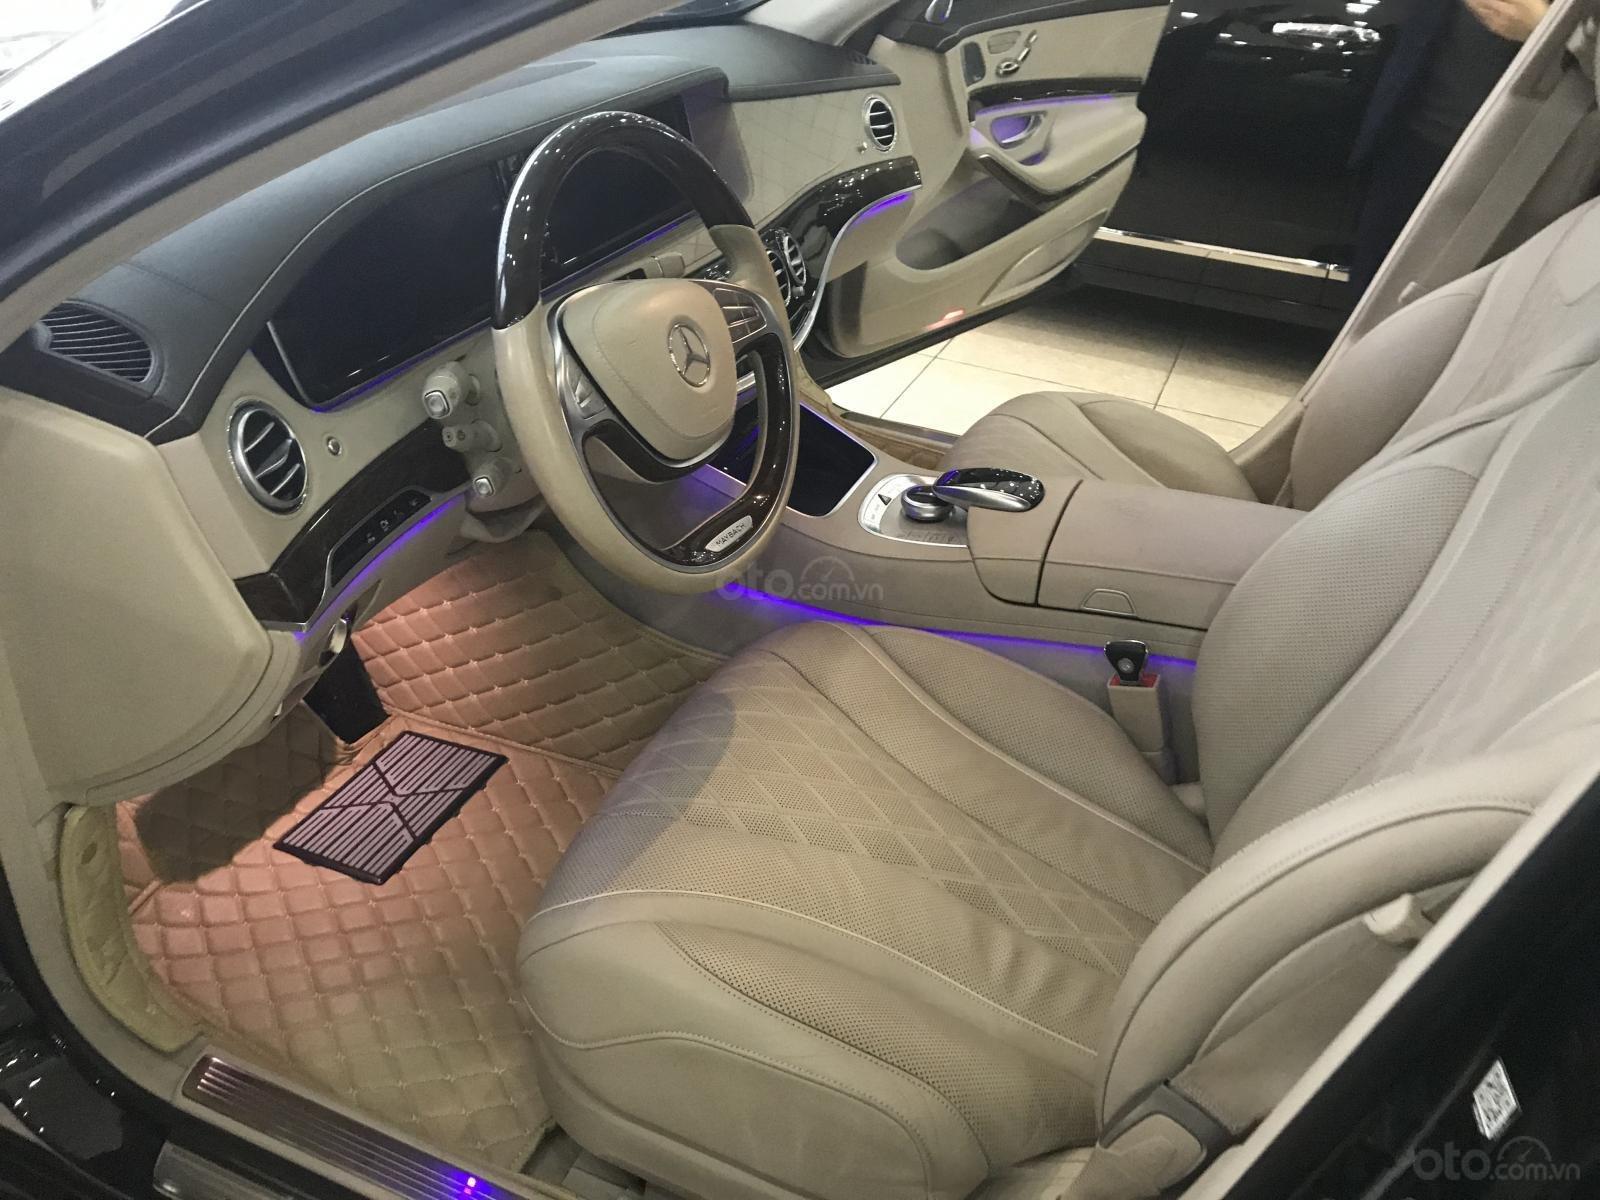 Bán Mercedes Maybach S450 sản xuất 2017, đăng ký 2018, xe chạy cực ít, siêu mới, LH: 0906223838-9